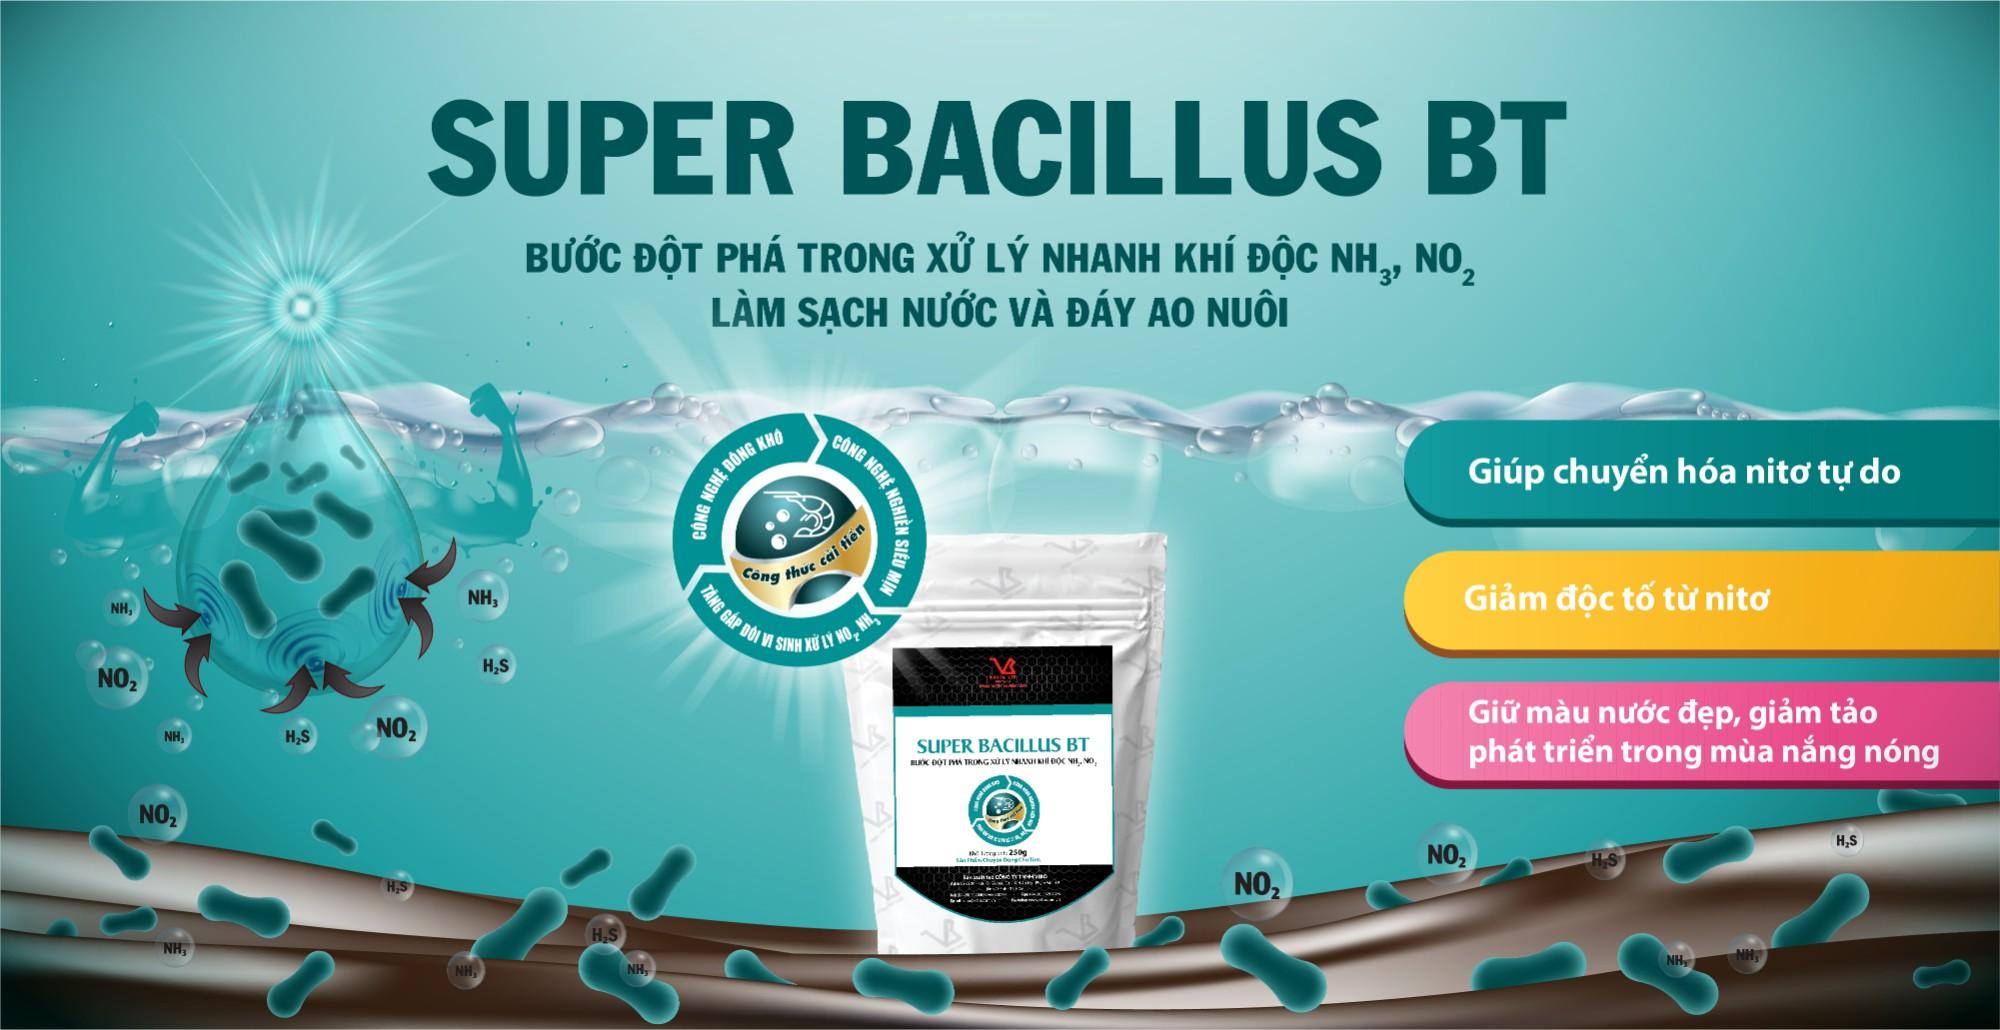 SUPER BACILLUS BT